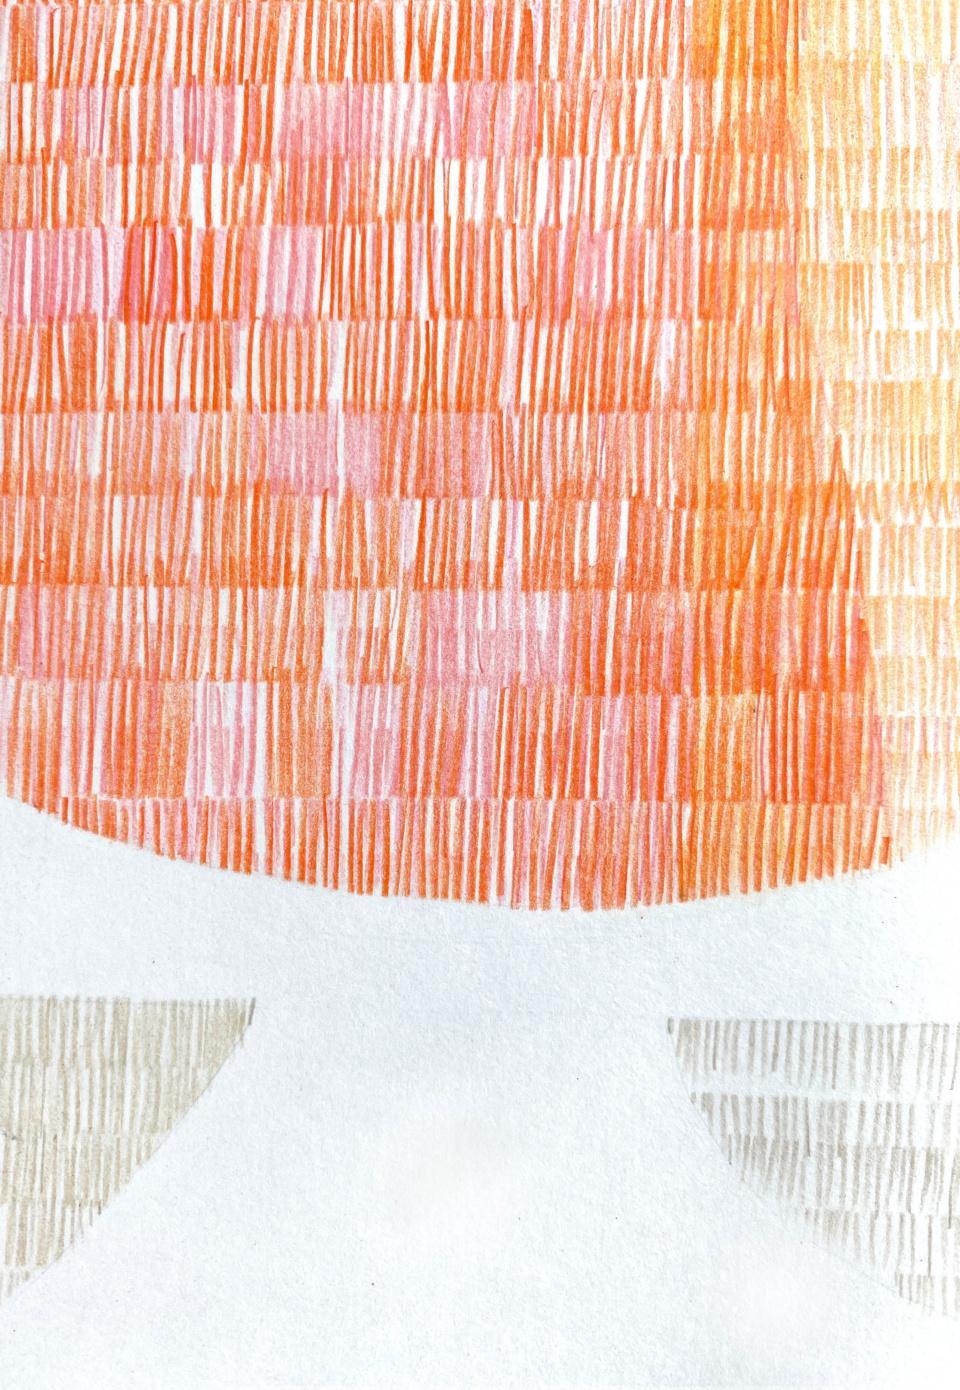 Greta Laundy Earth Balance Flow detail